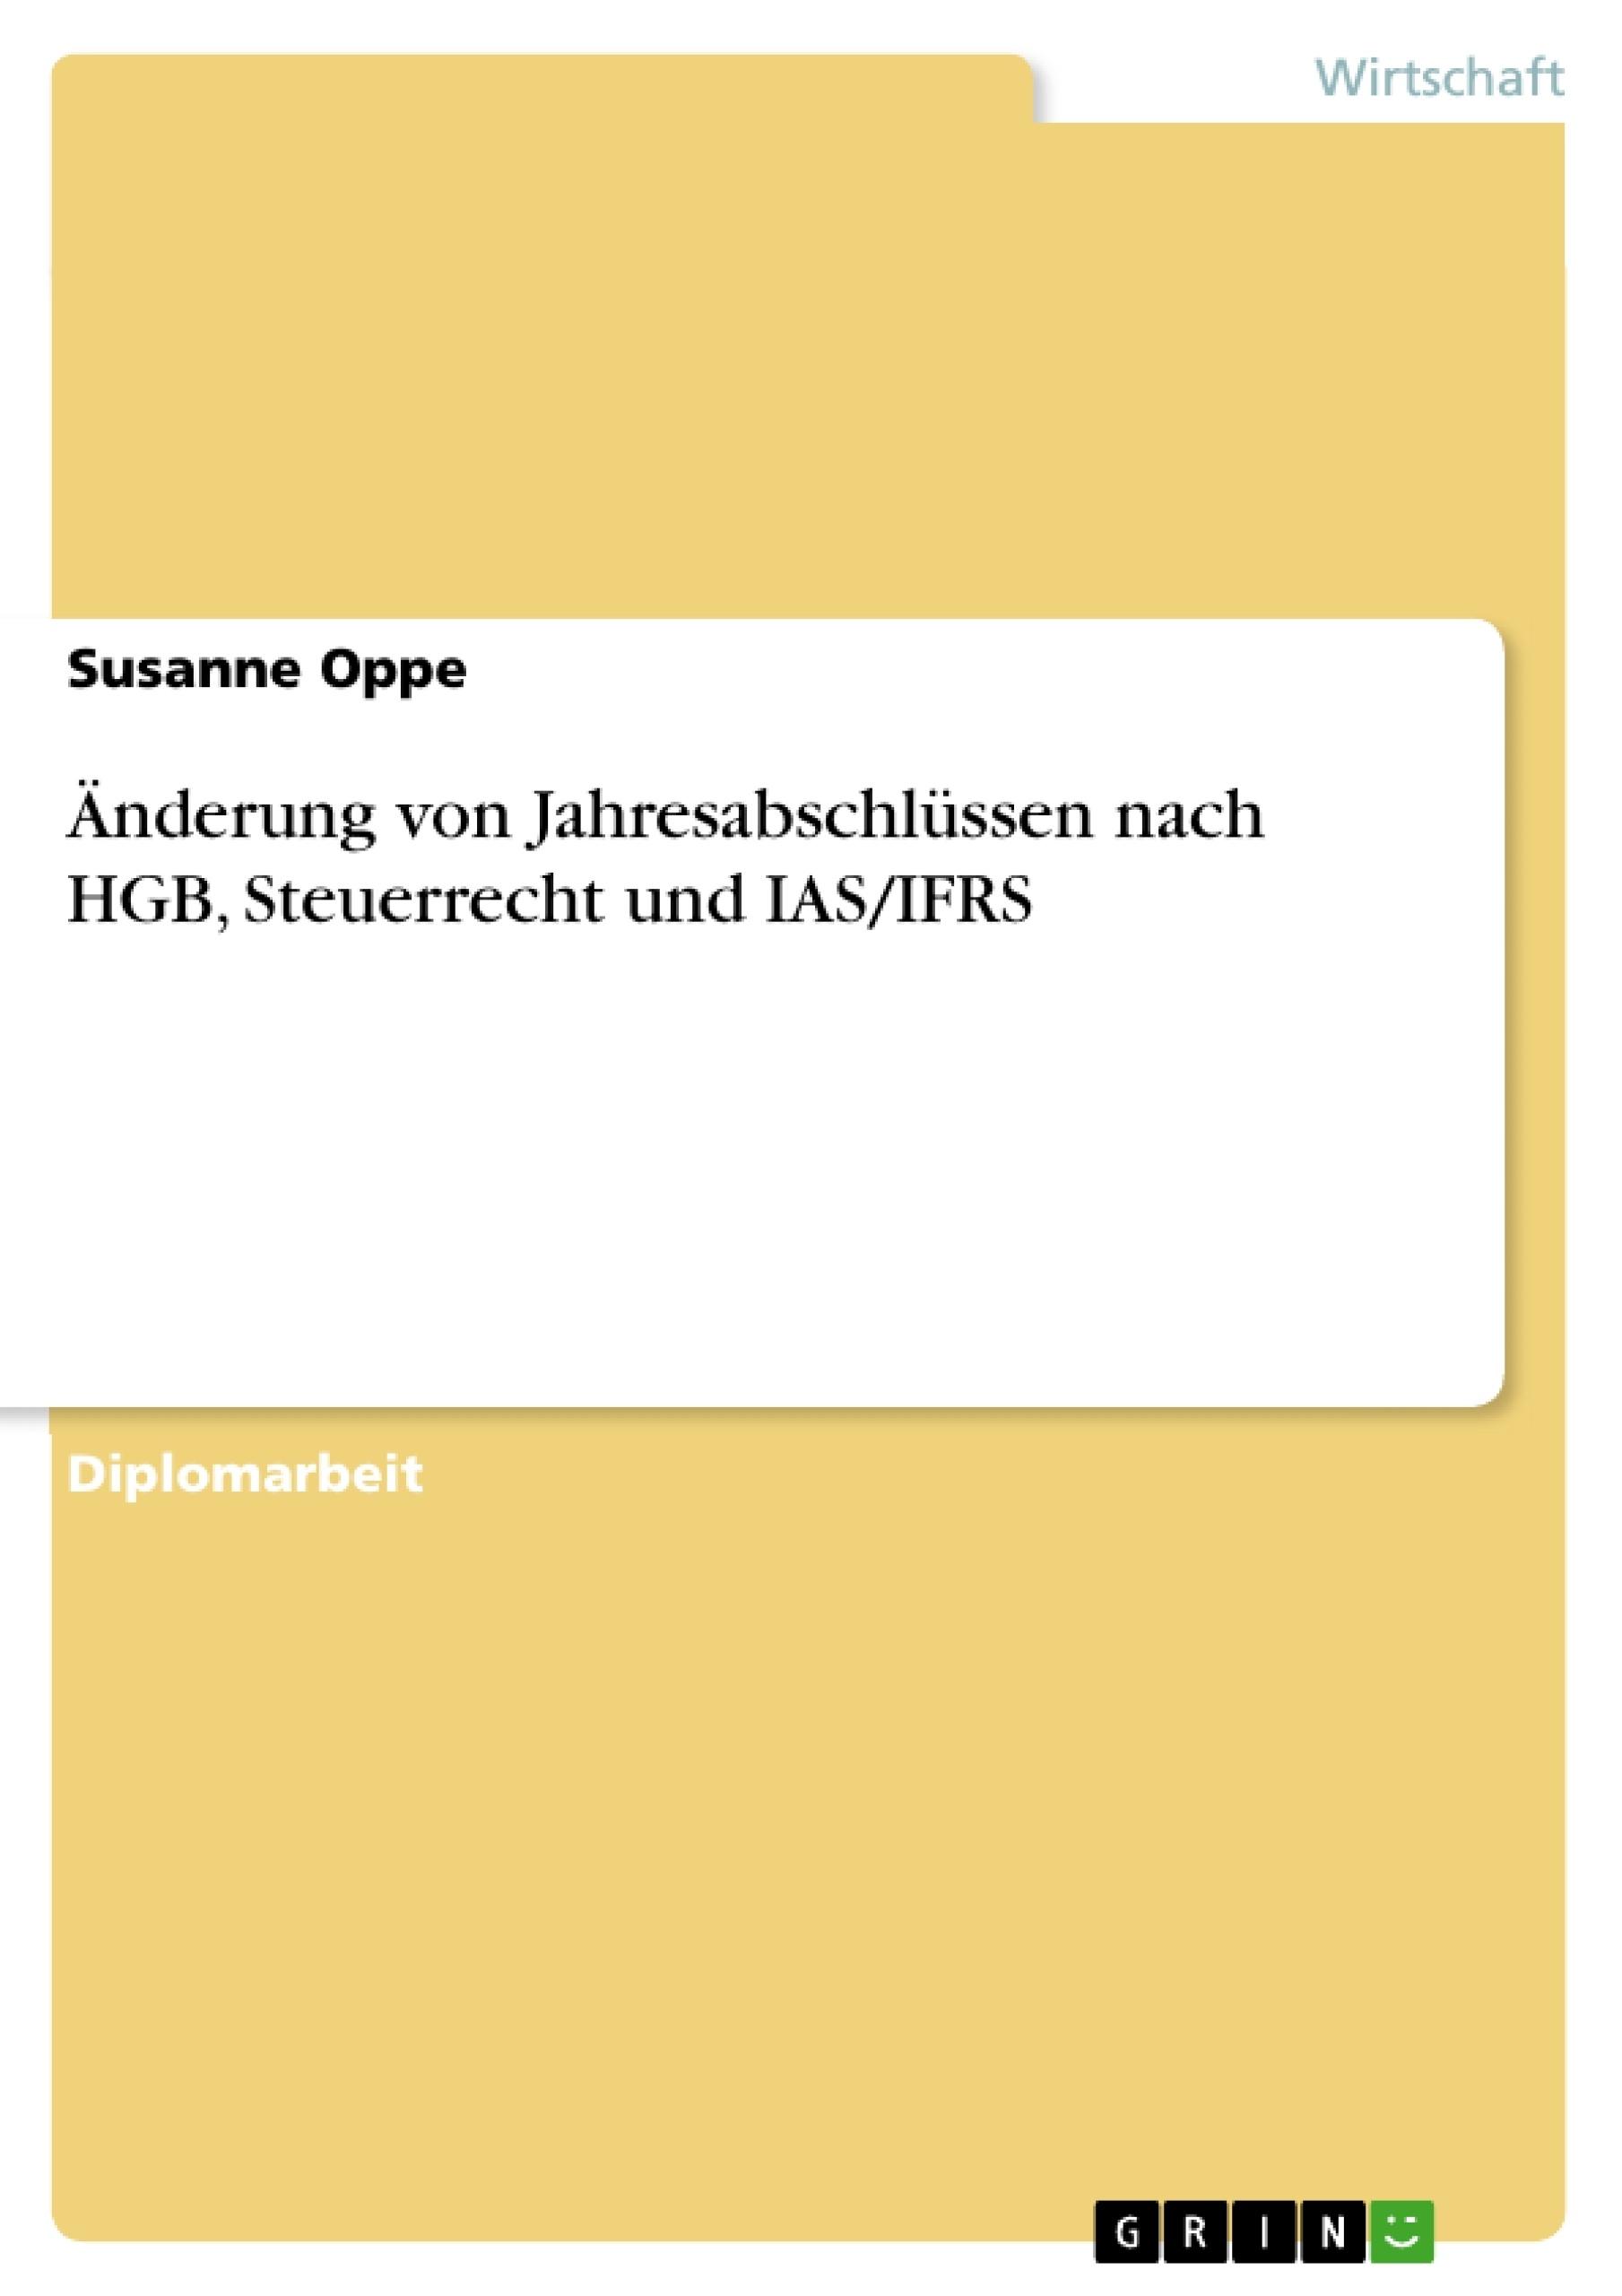 Titel: Änderung von Jahresabschlüssen nach HGB, Steuerrecht und IAS/IFRS